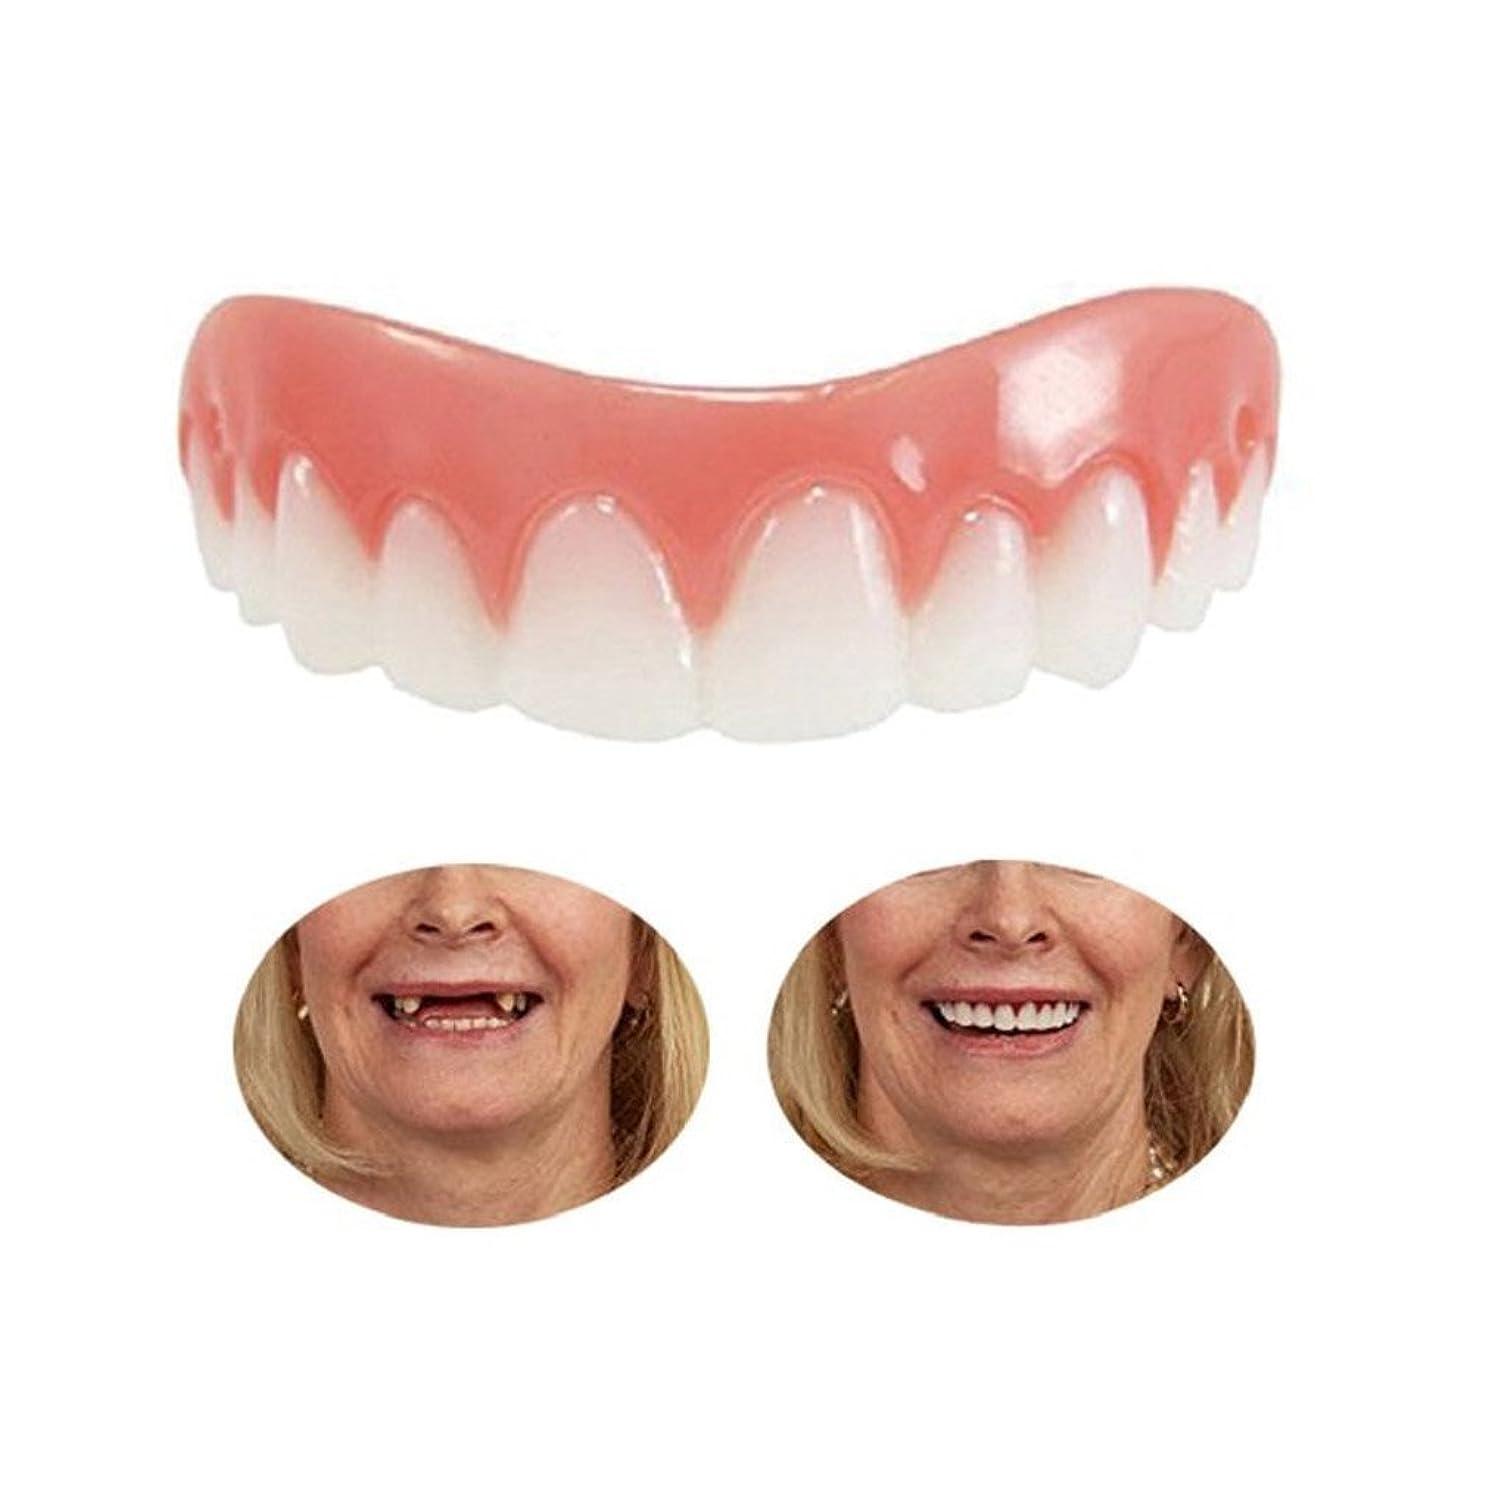 右カンガルー抵抗する3組の一時的な化粧品の歯の義歯の歯の化粧品によって模倣されるブレース、即刻の快適で完全なベニヤの歯のスナップキャップを白くします